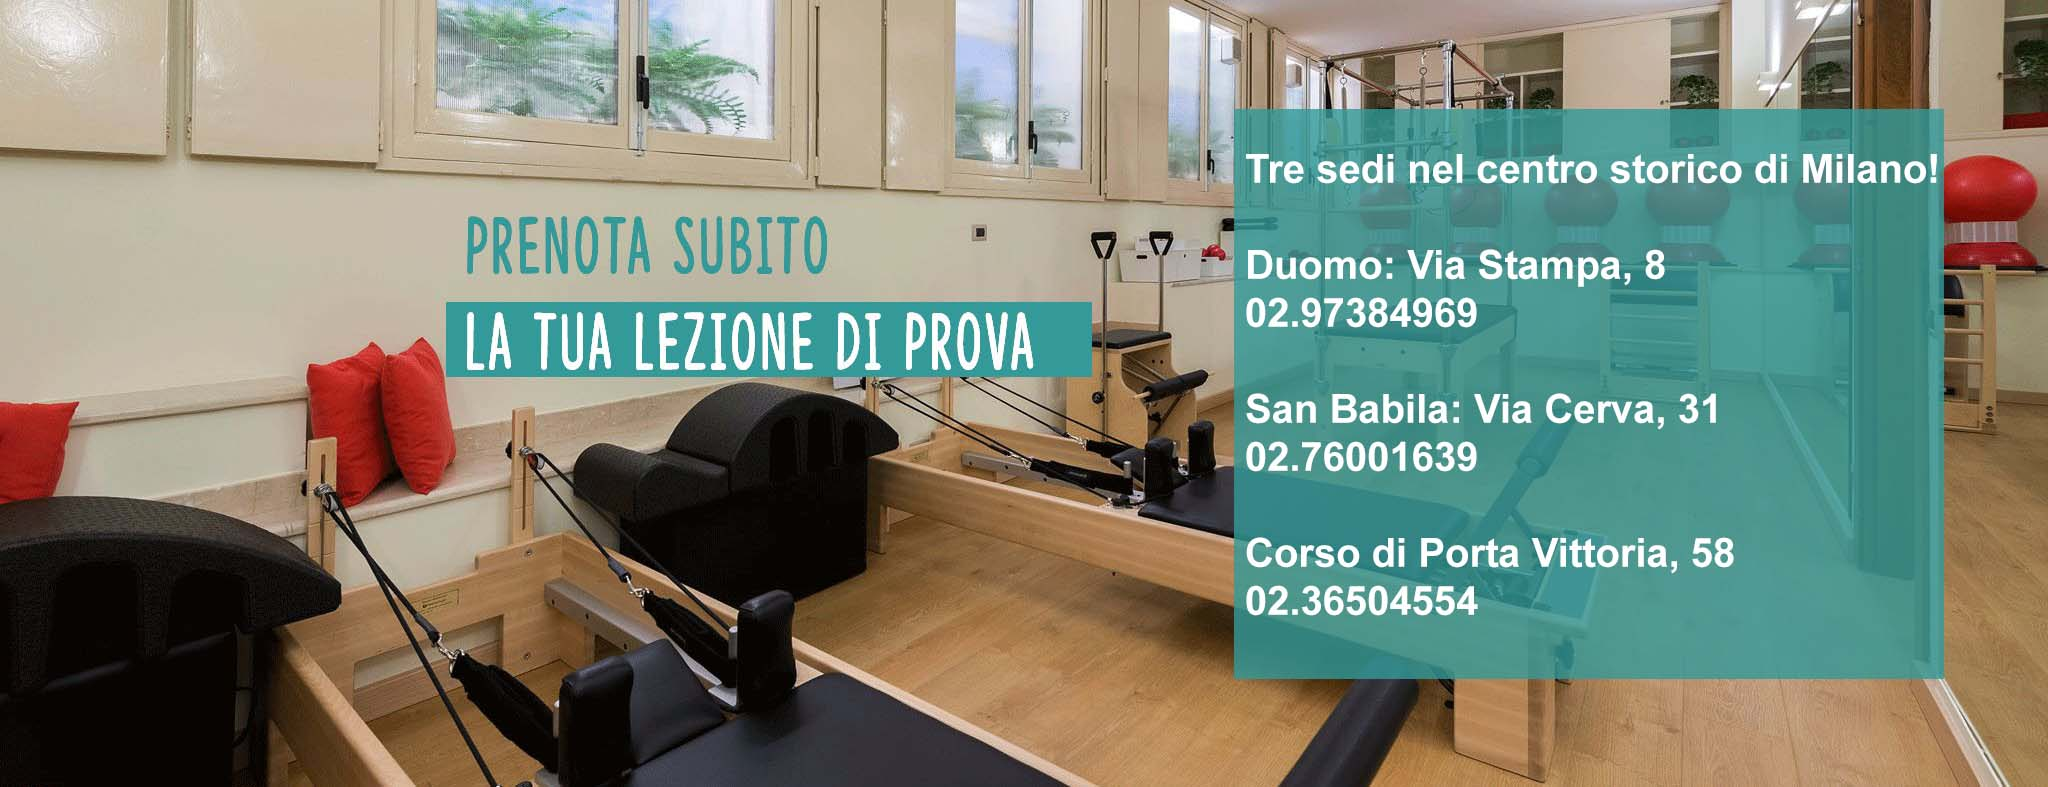 Corsi Di Pilates Quartiere Grigioni Milano - Prenota subito la tua lezione di prova